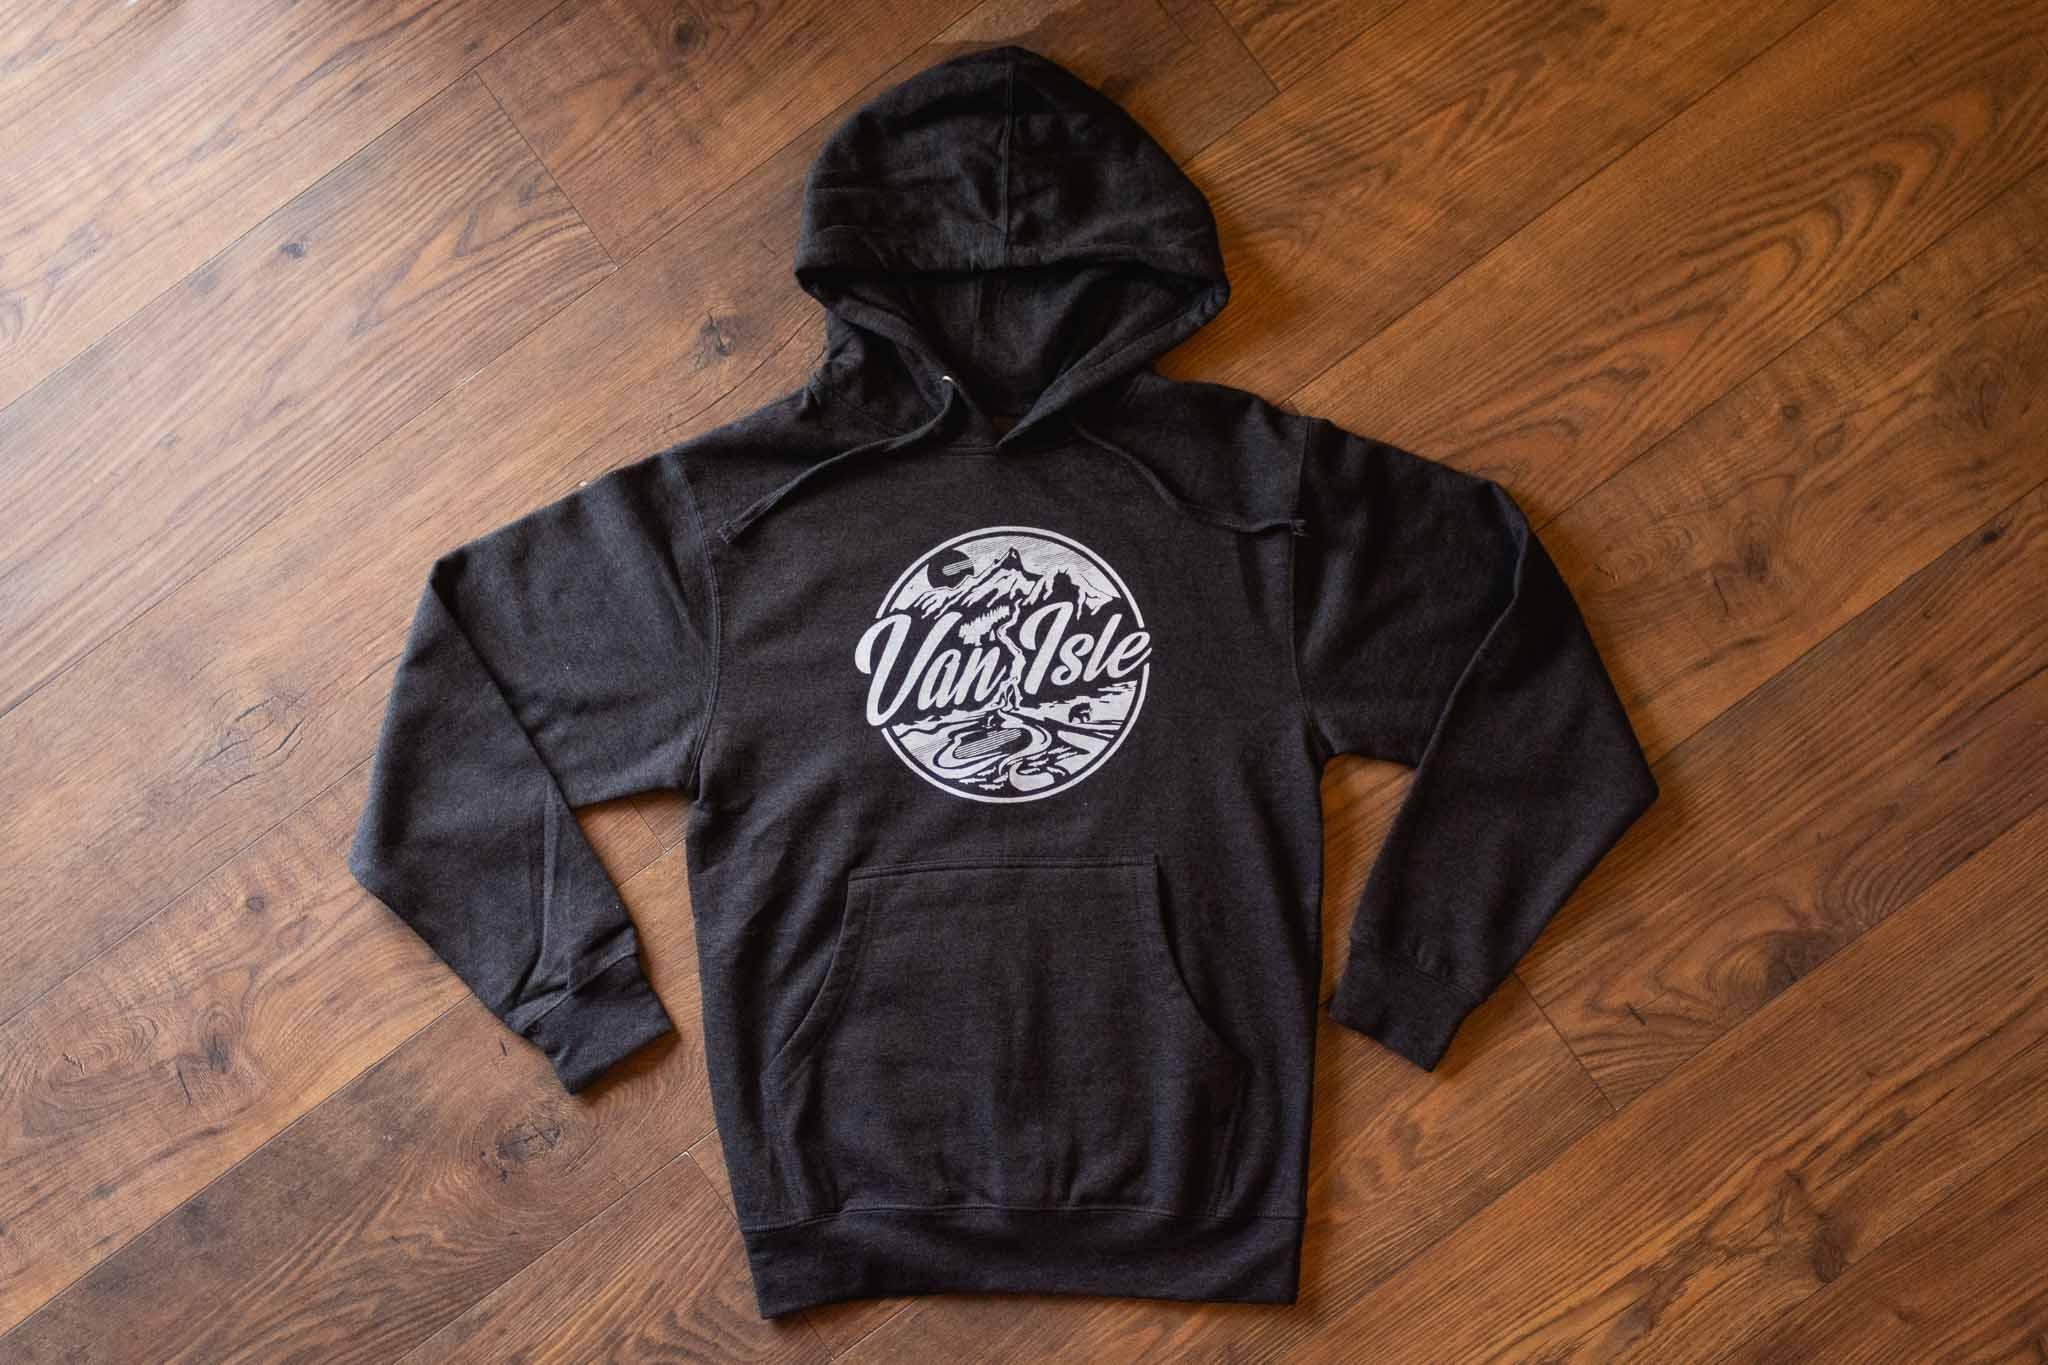 Van Isle Retro Unisex Hoodie By Bough & Antler